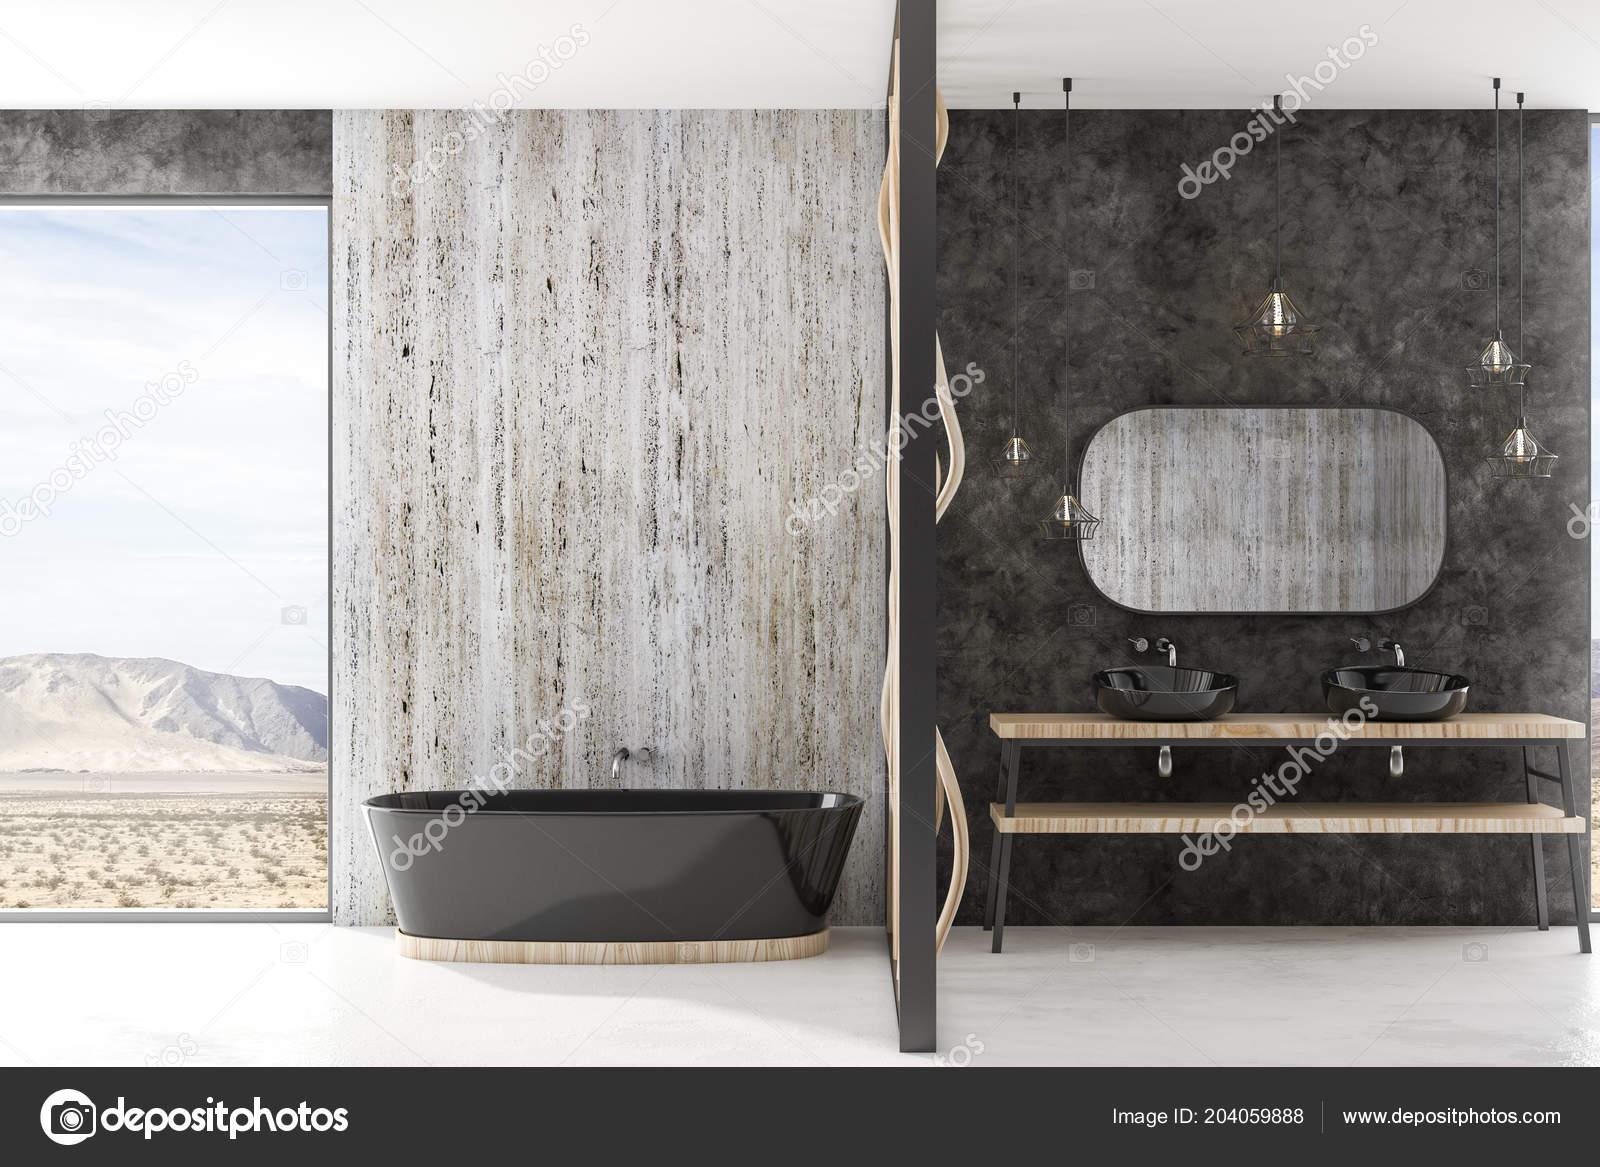 Bagno design moderno con bagno nero pavimento cemento pareti